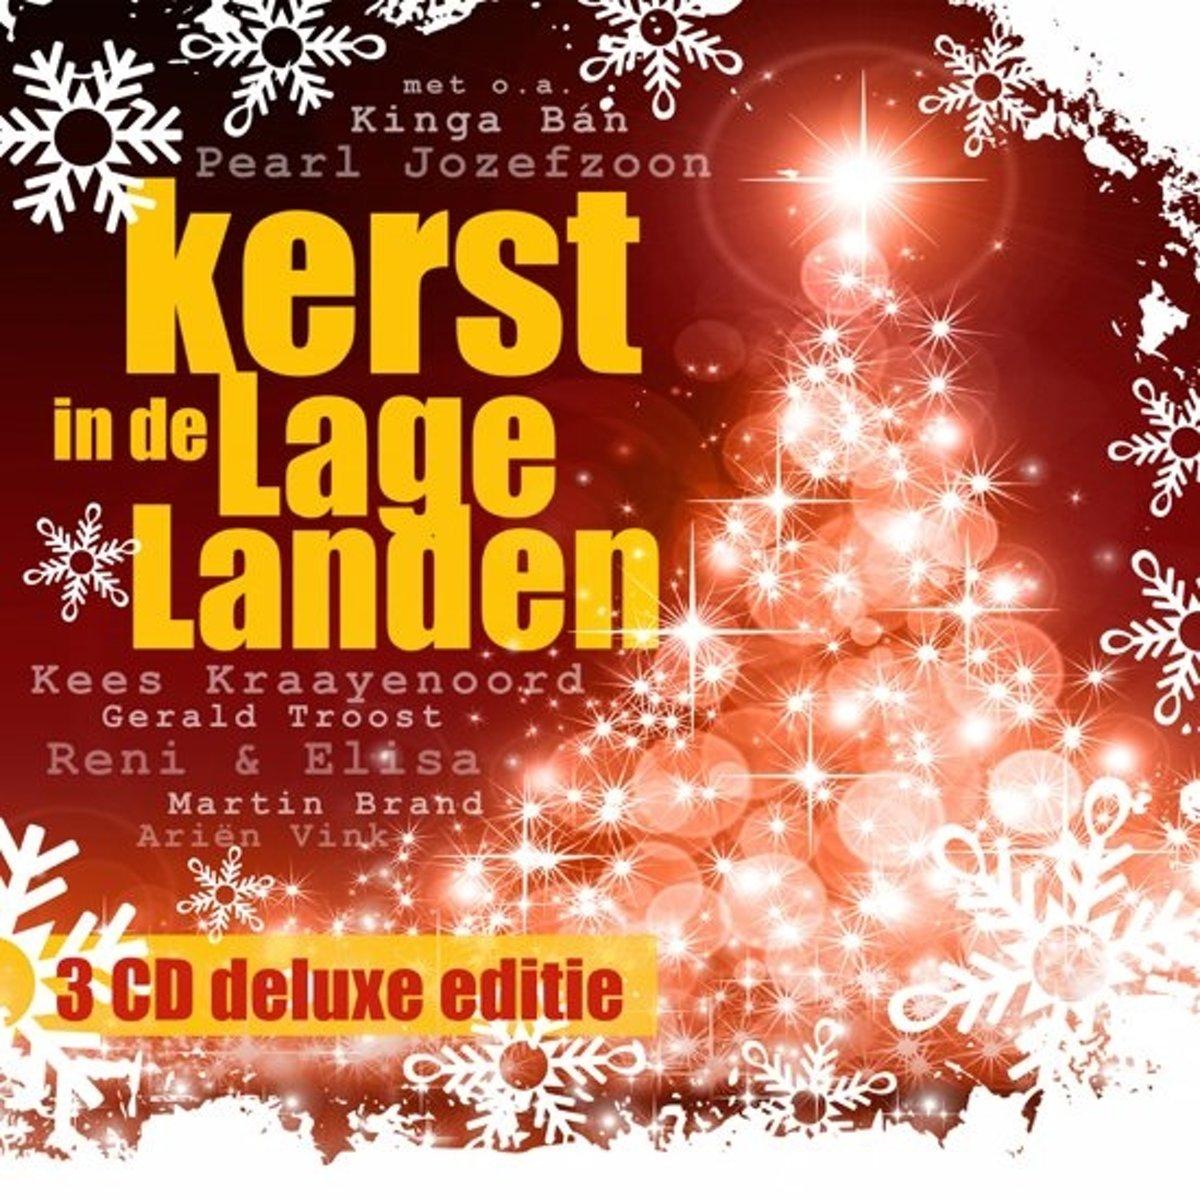 Kerst In De Lage Landen (3Cd Deluxe Editie) kopen